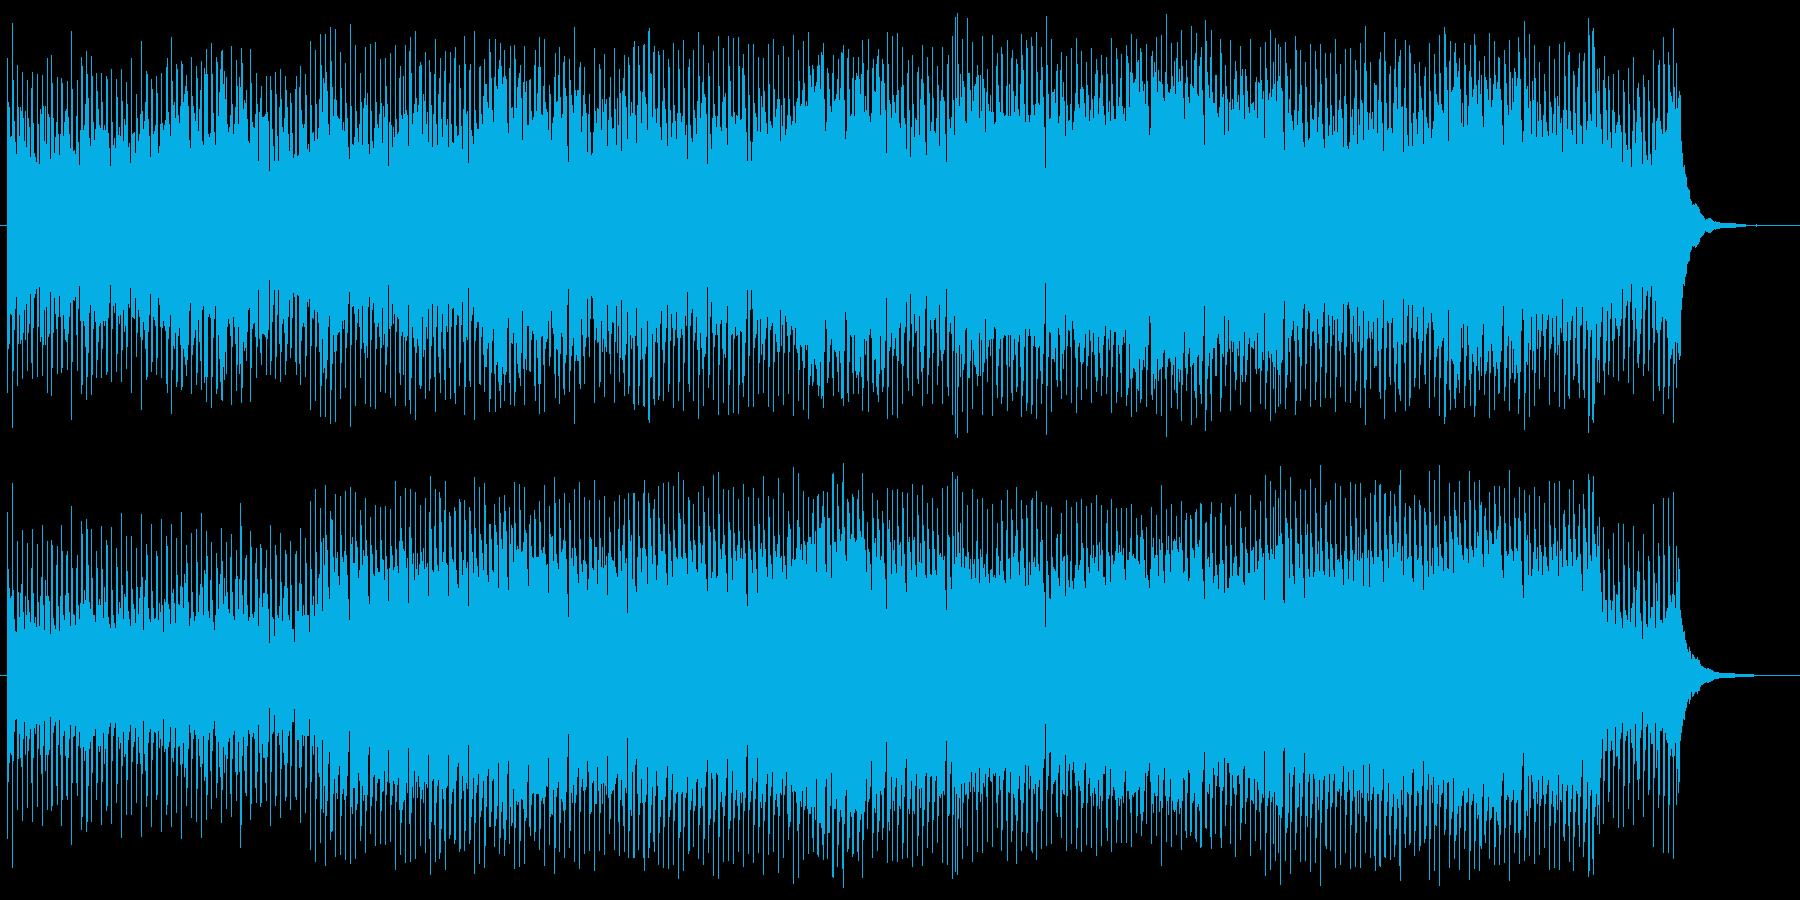 ほのぼのご機嫌なアコースティックポップの再生済みの波形